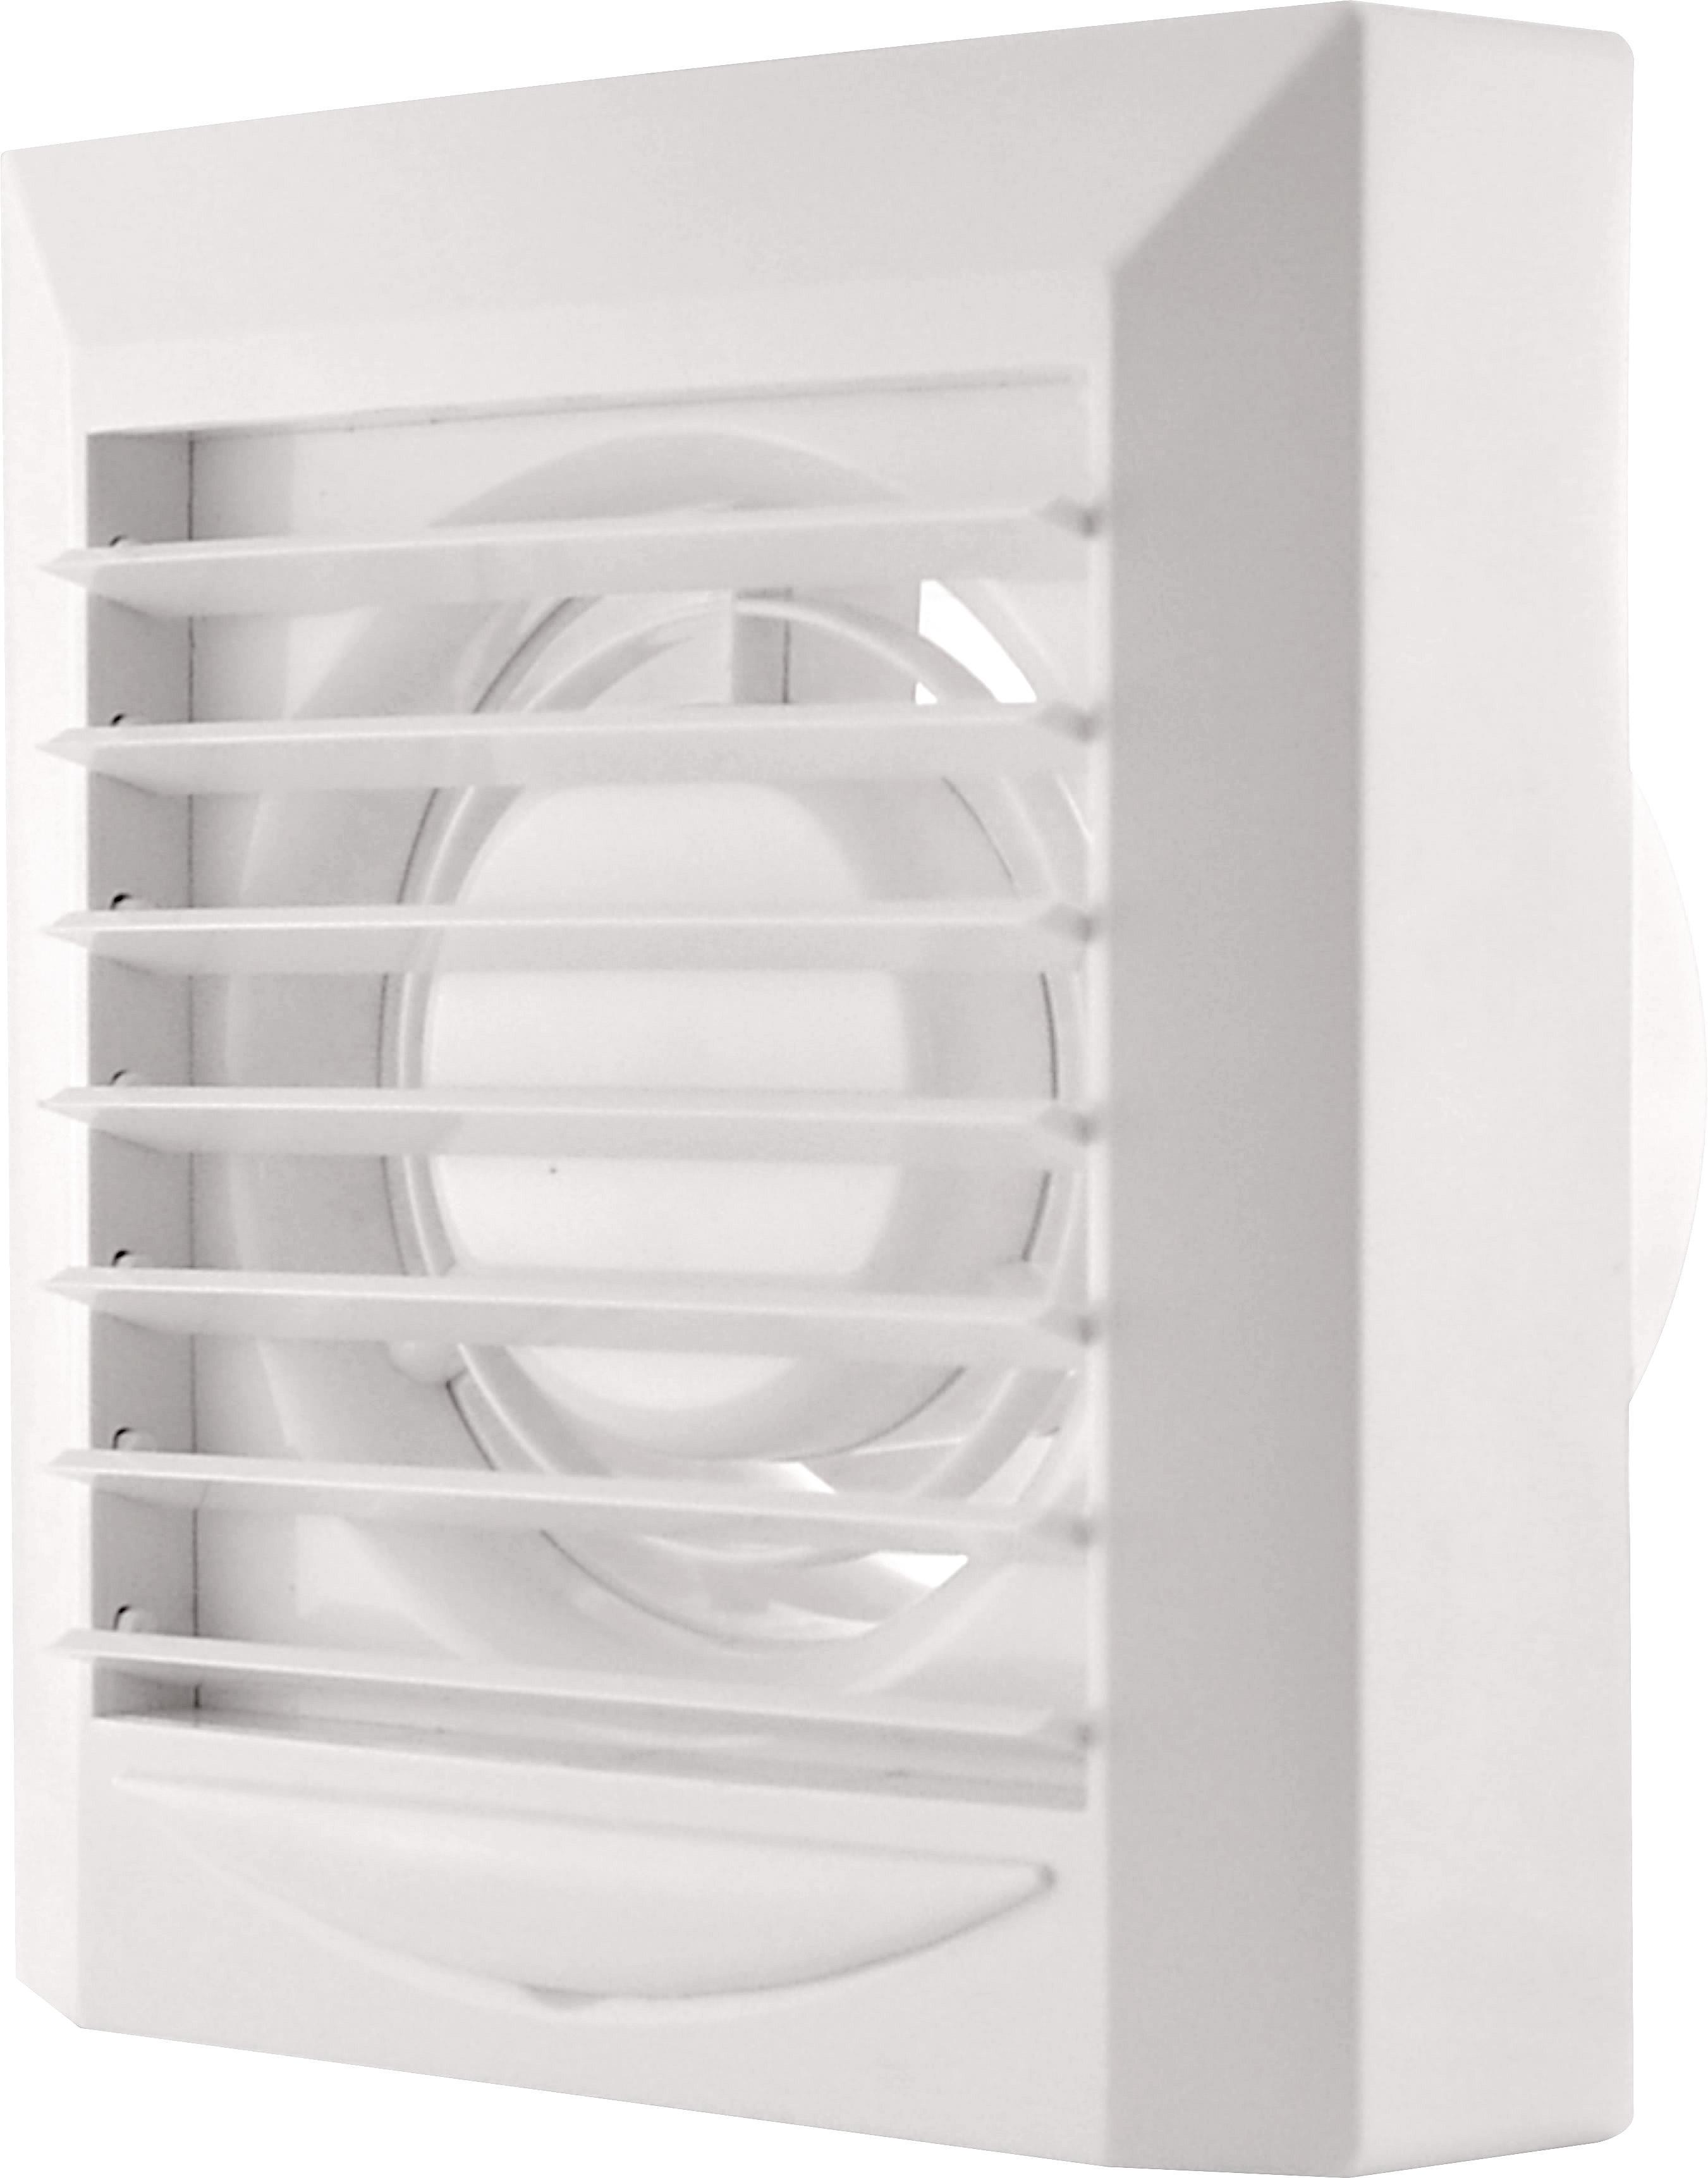 Вентилятор Era Euro 5s etf вытяжной вентилятор era 5s etf